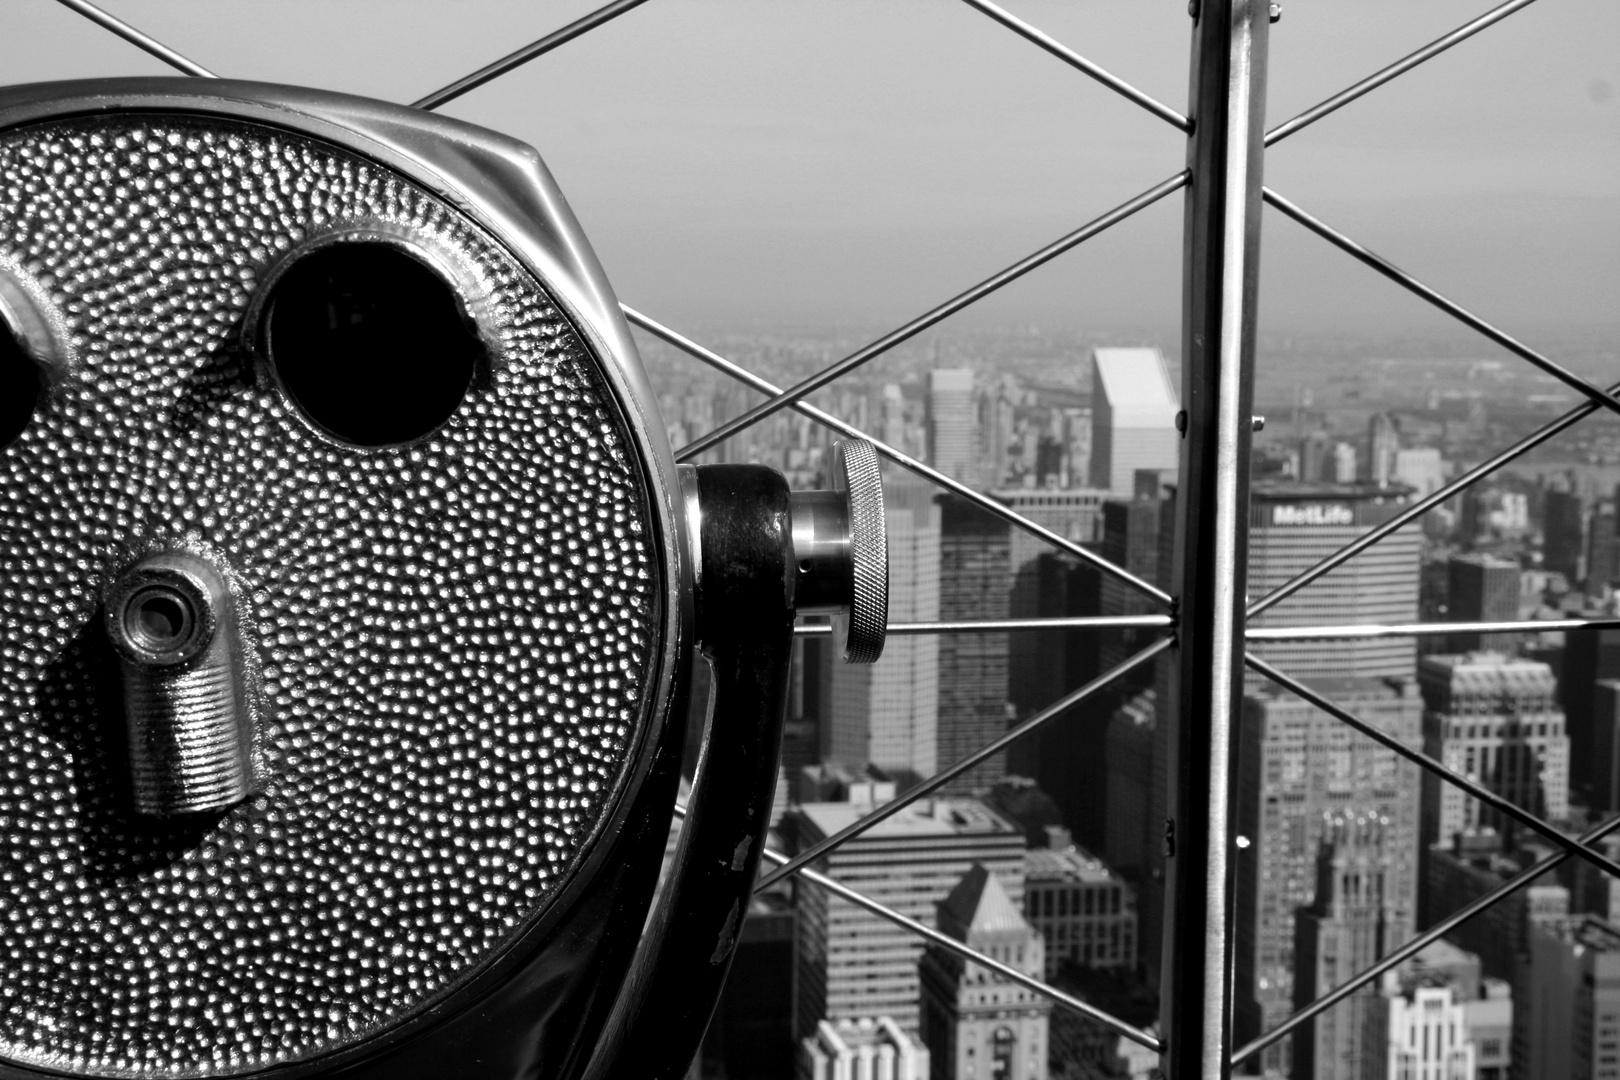 schöne Aussichten - New York 2010